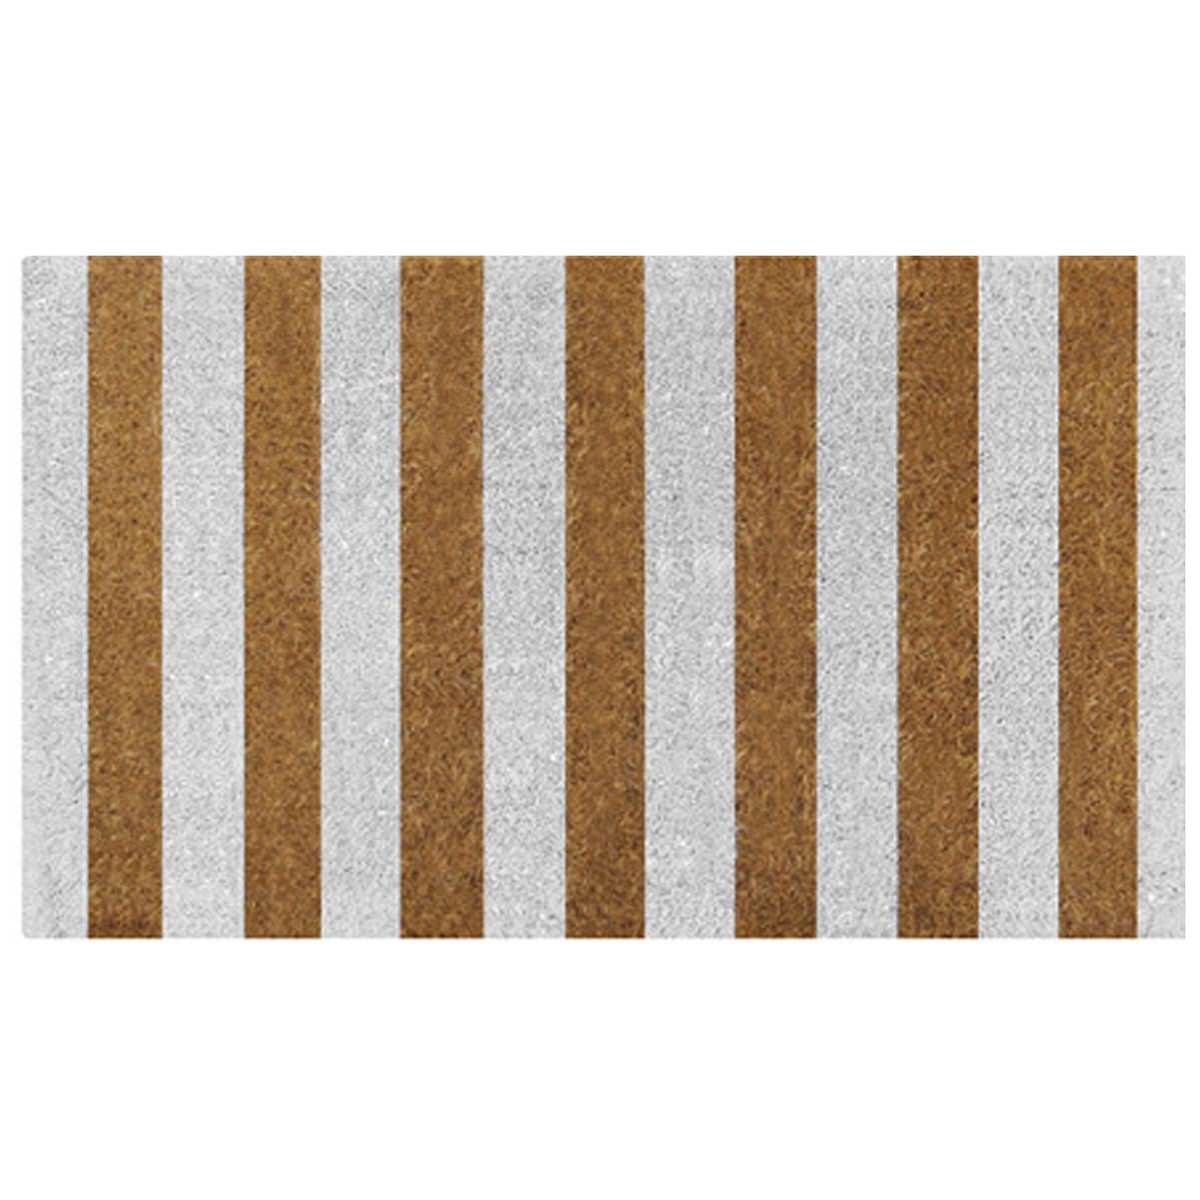 Jesmond Coir Doormat, 80x50cm, Natural